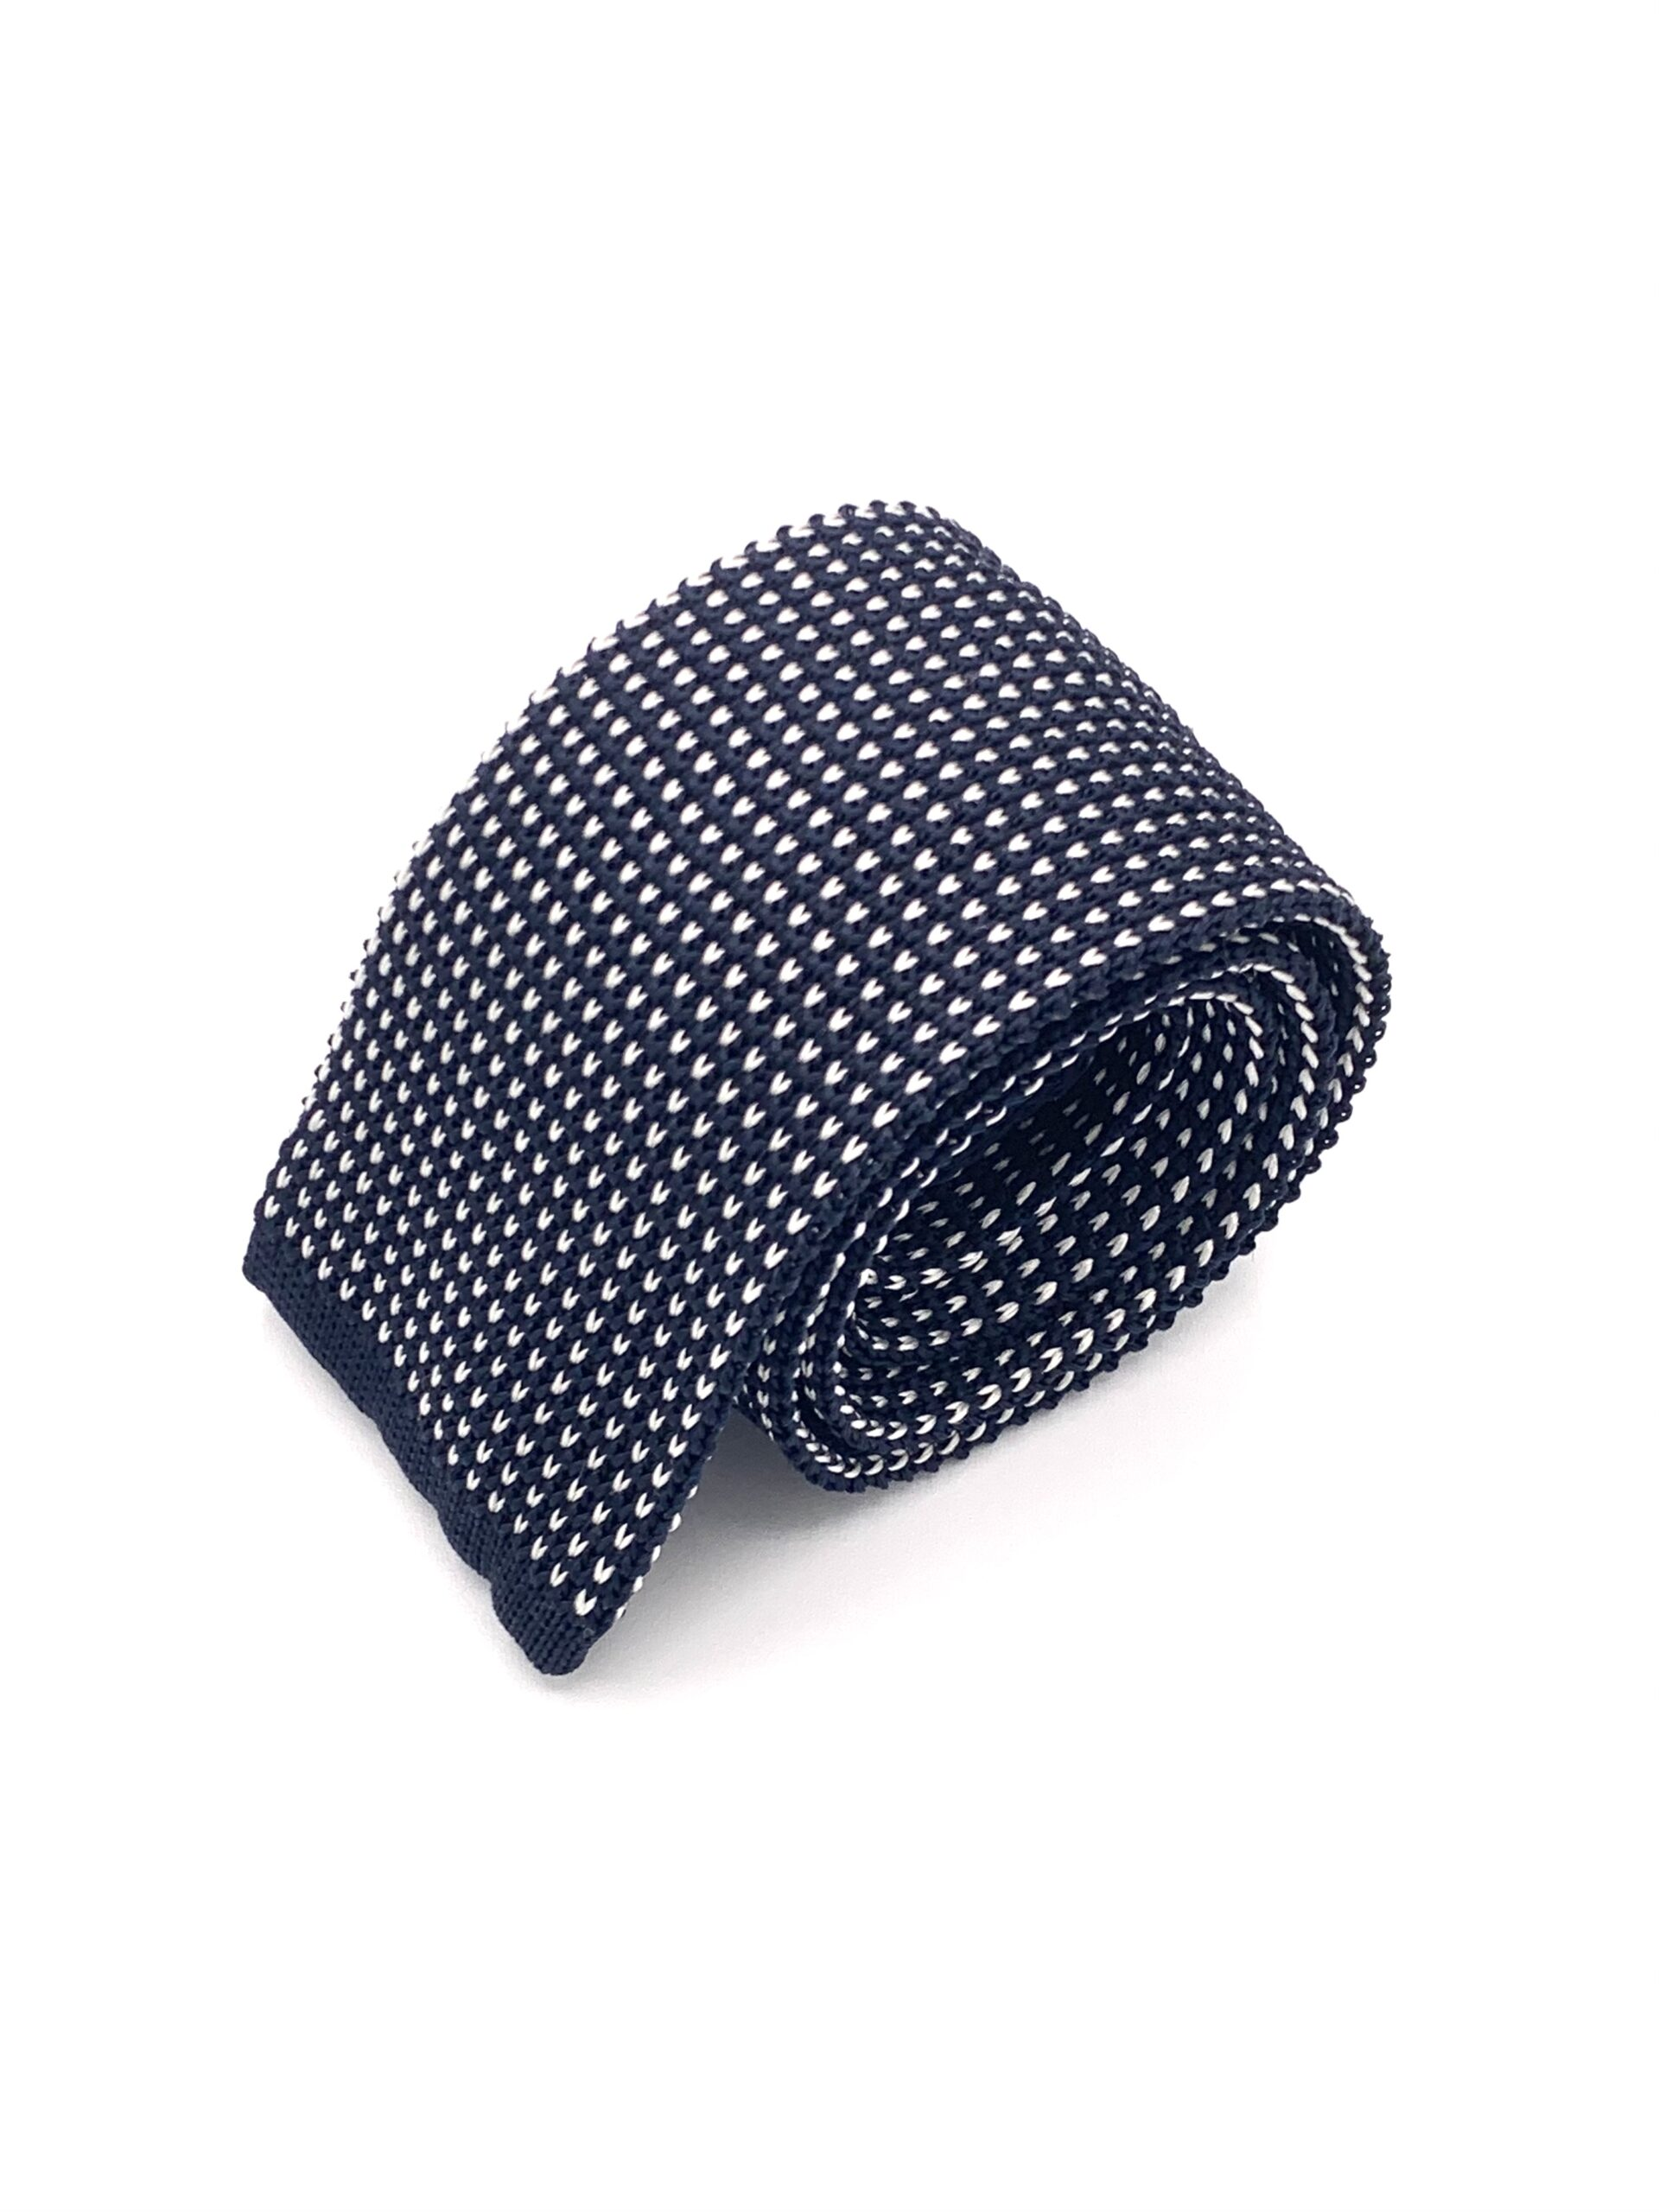 DIMAGLIA - cravatta di maglia blu e grigia